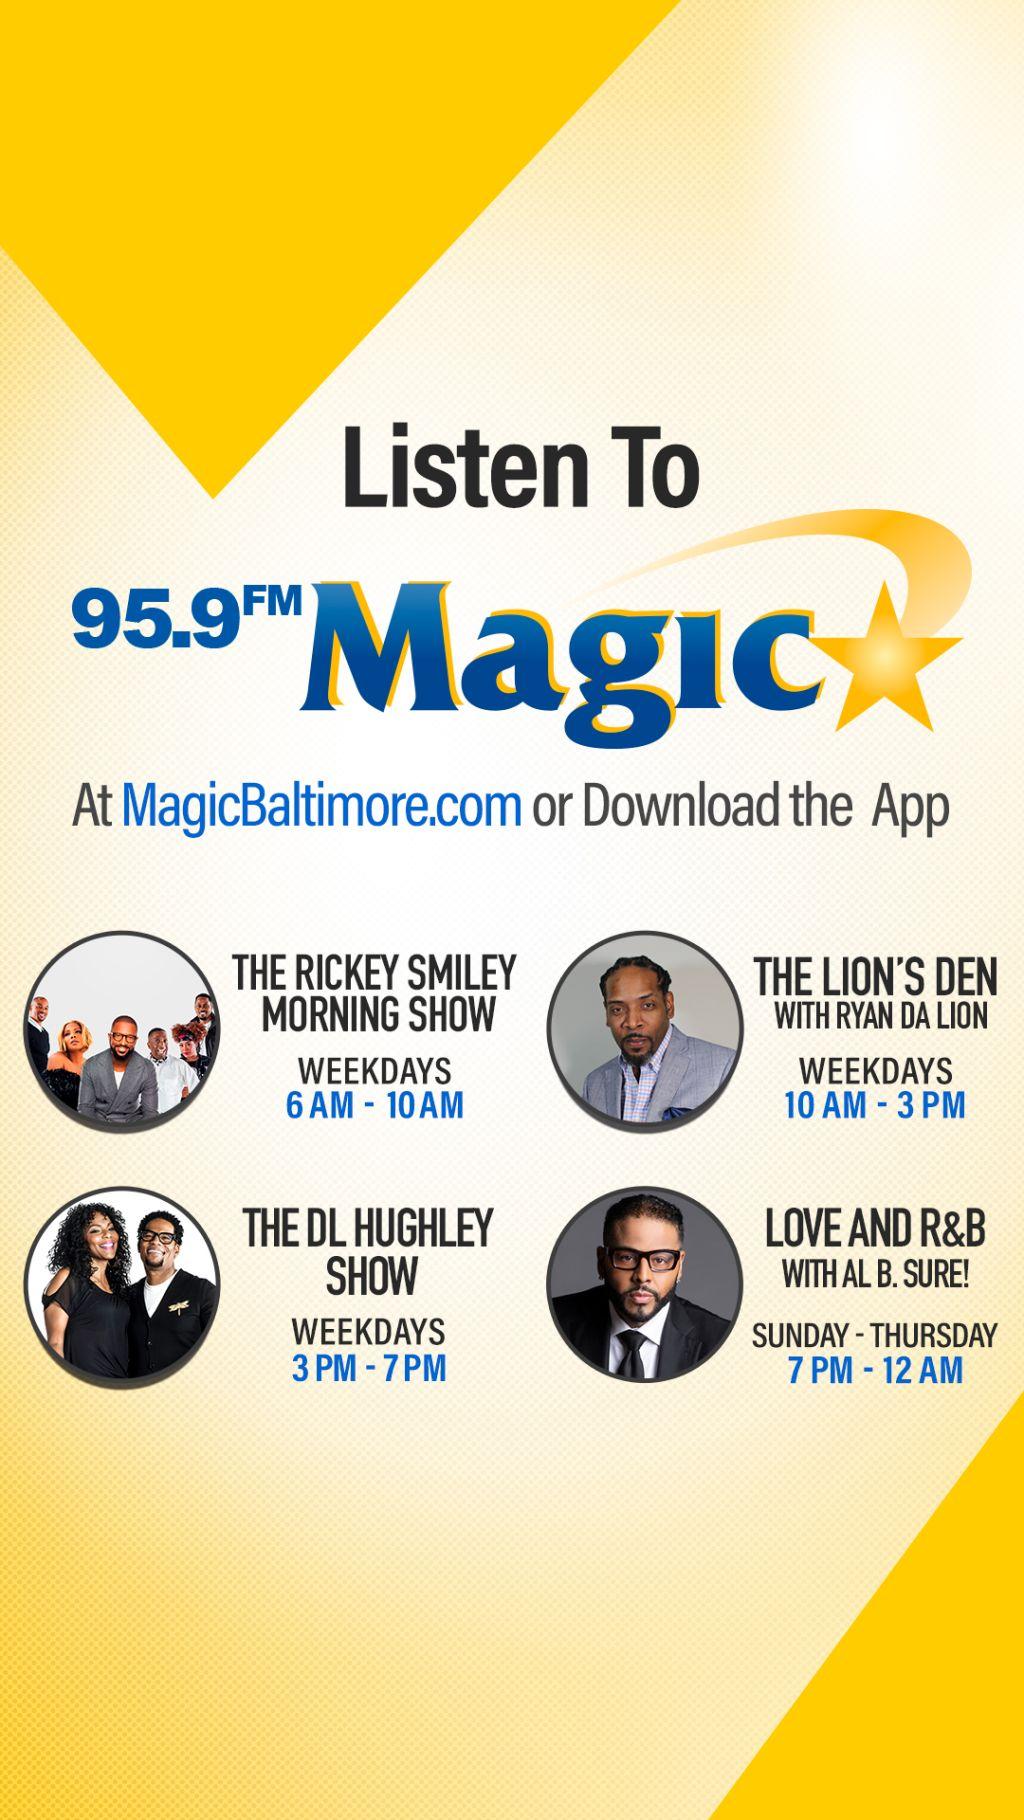 Magic 95.9 Show Schedule